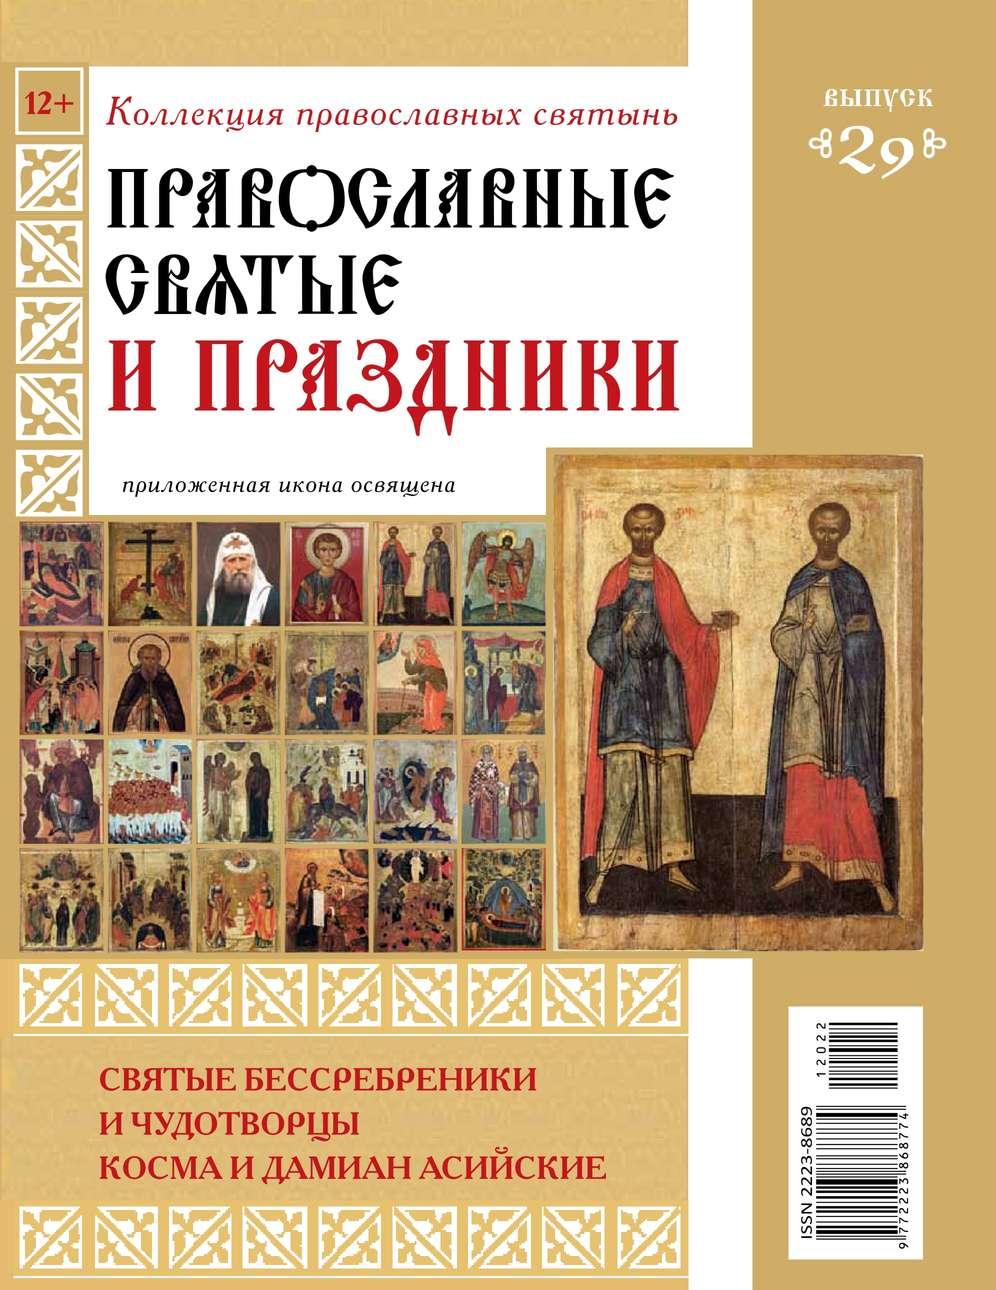 Редакция журнала Коллекция Православных Святынь Коллекция Православных Святынь 29